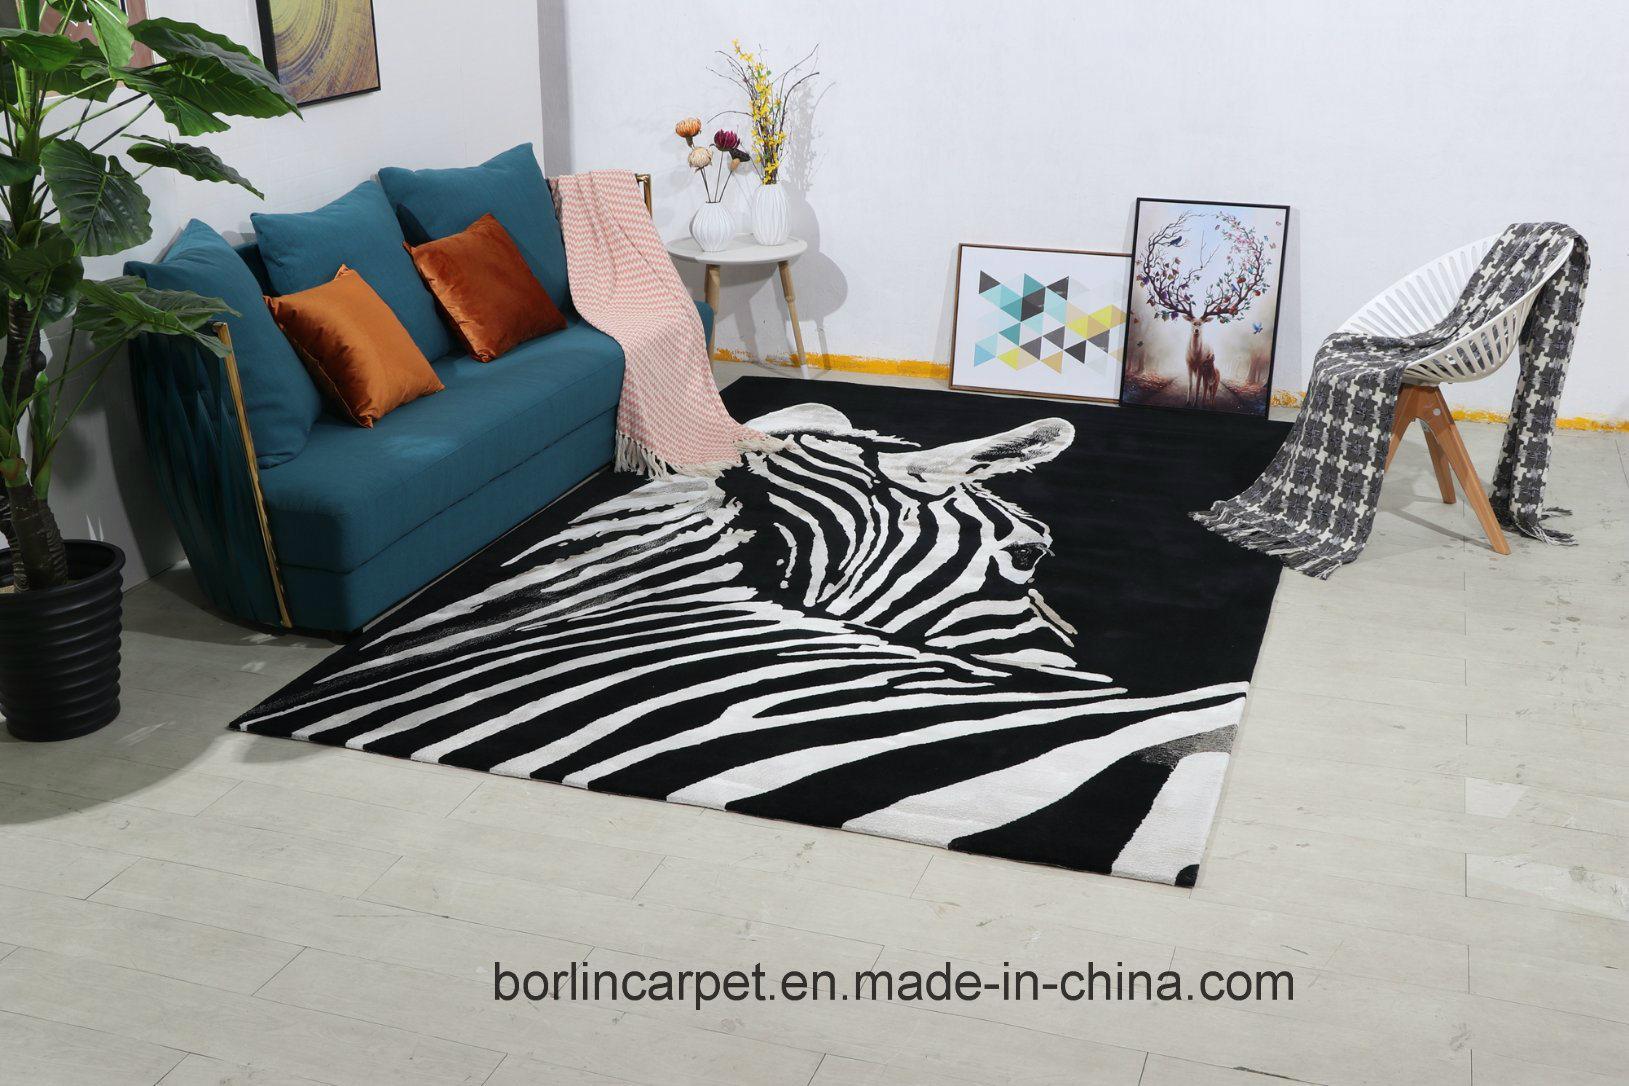 Zebra Carpet in Living Room, Handtuft Carpet, Wool Carpet ...